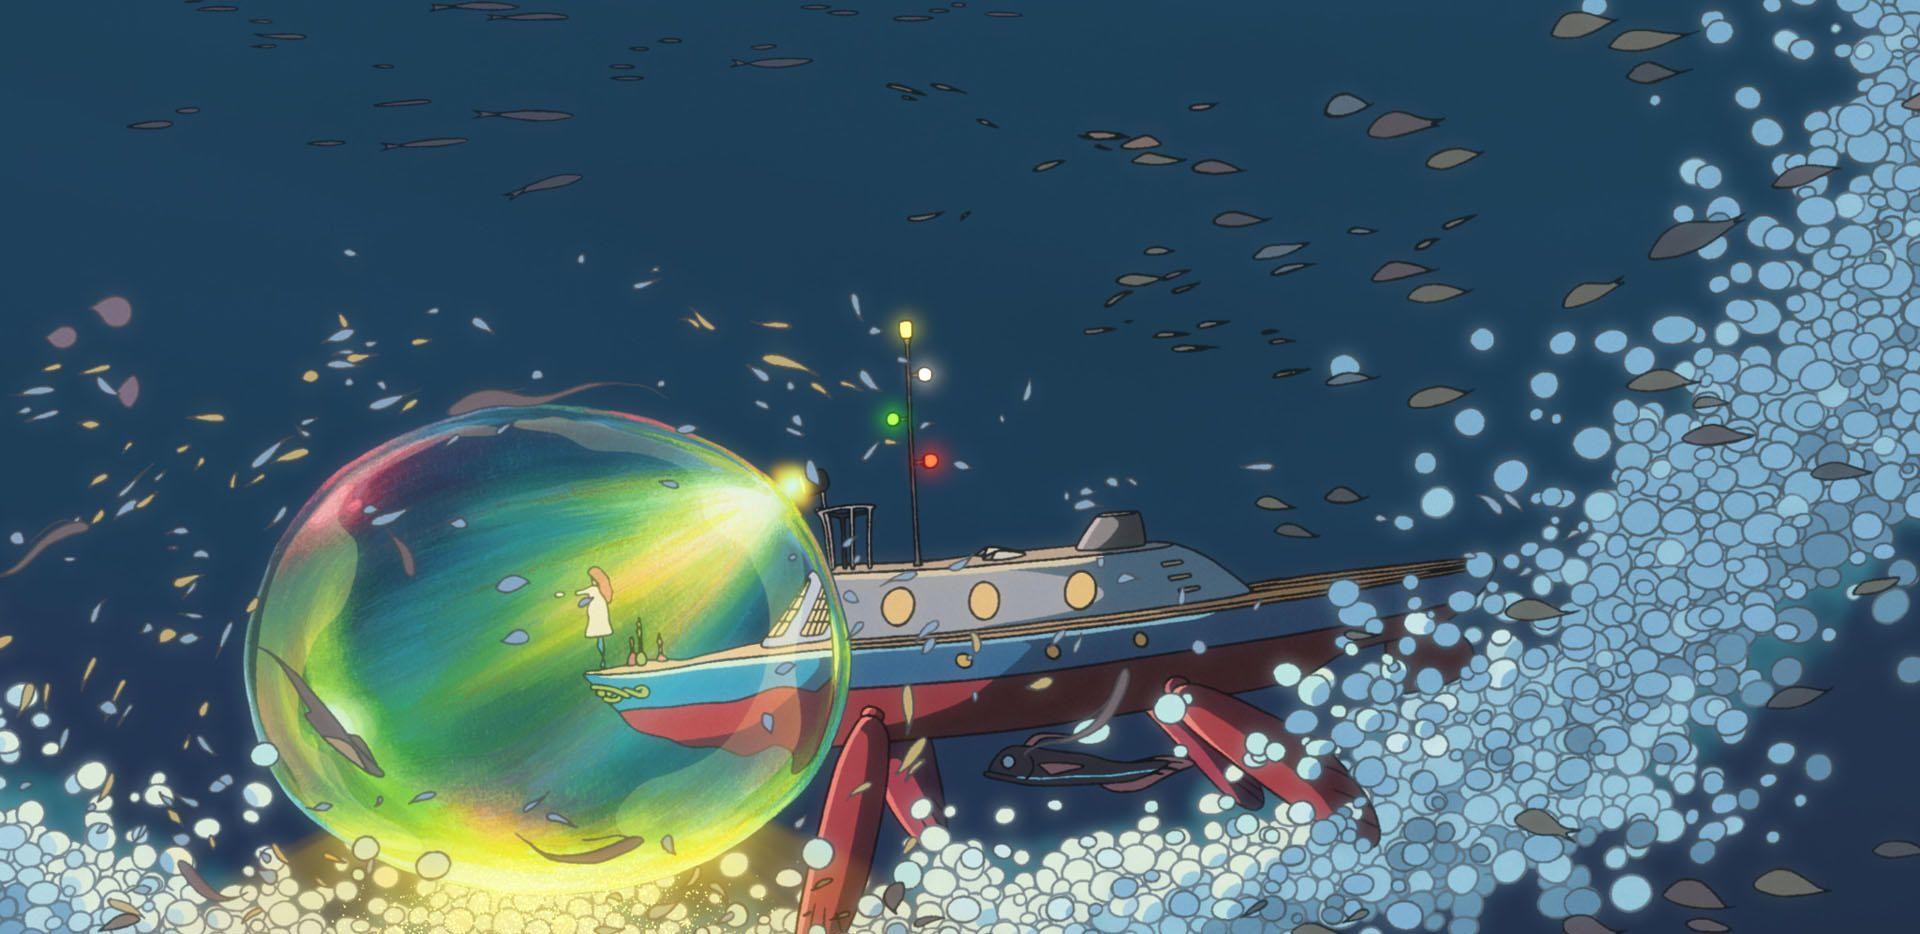 纯真、梦幻,宫崎骏献给孩子们的动画电影《悬崖上的金鱼姬》